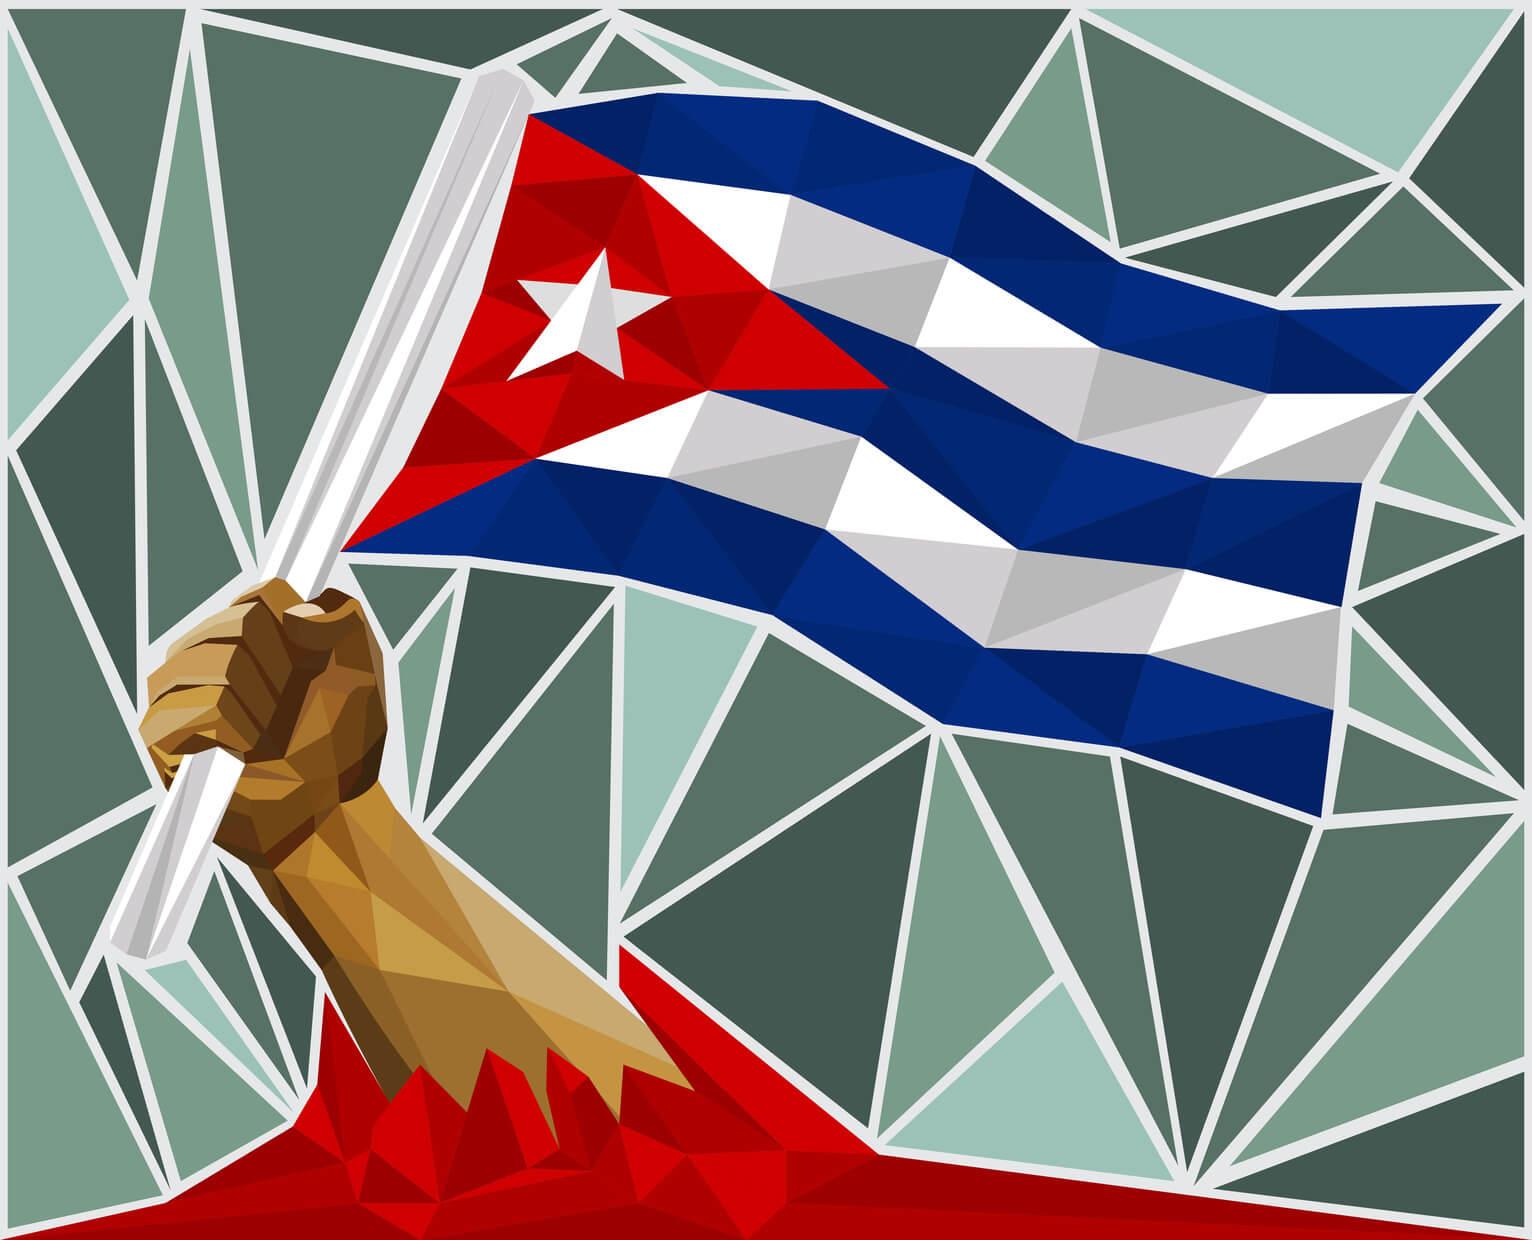 Resultado de imagen para revolucion cubana definicion